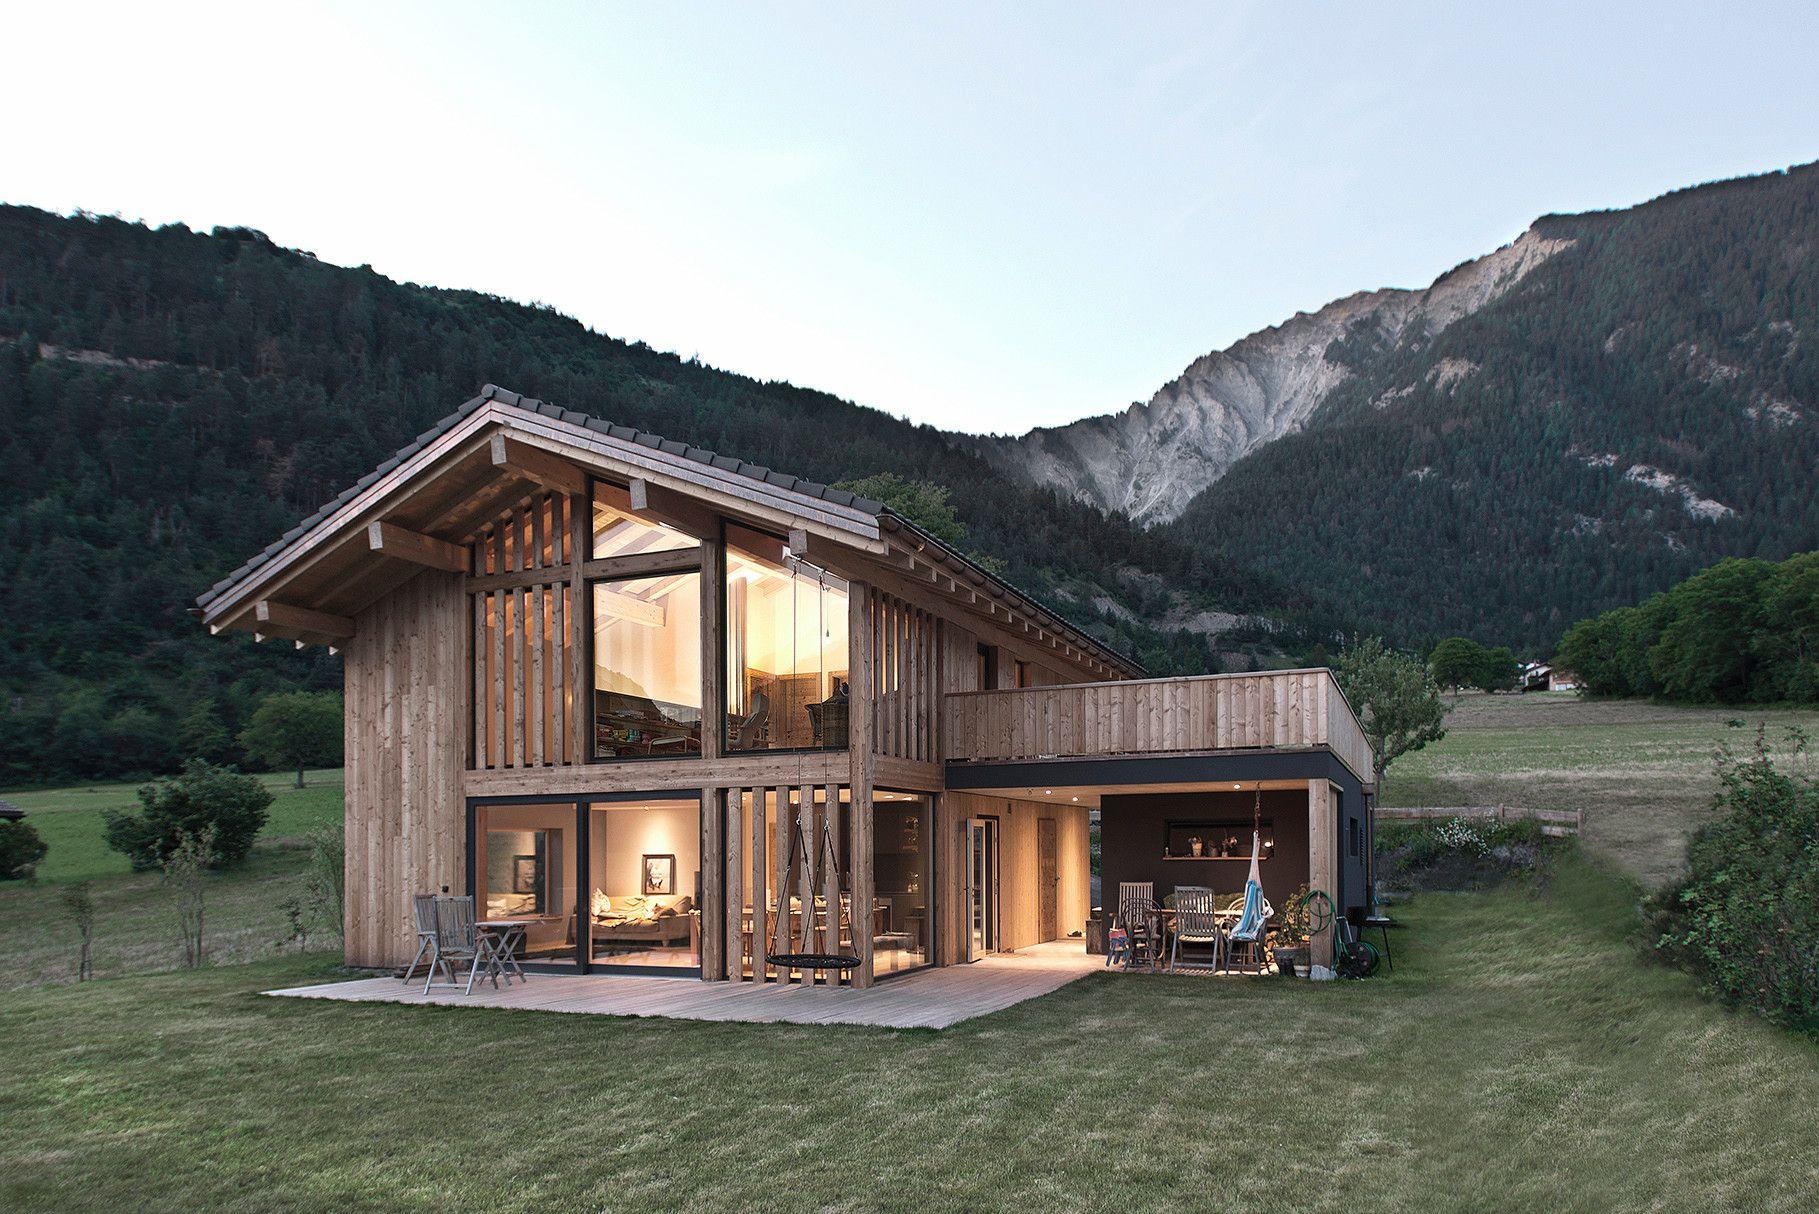 Alp 39 architecture s rl le ch ble lausanne voll ges for Modernes ferienhaus bauen